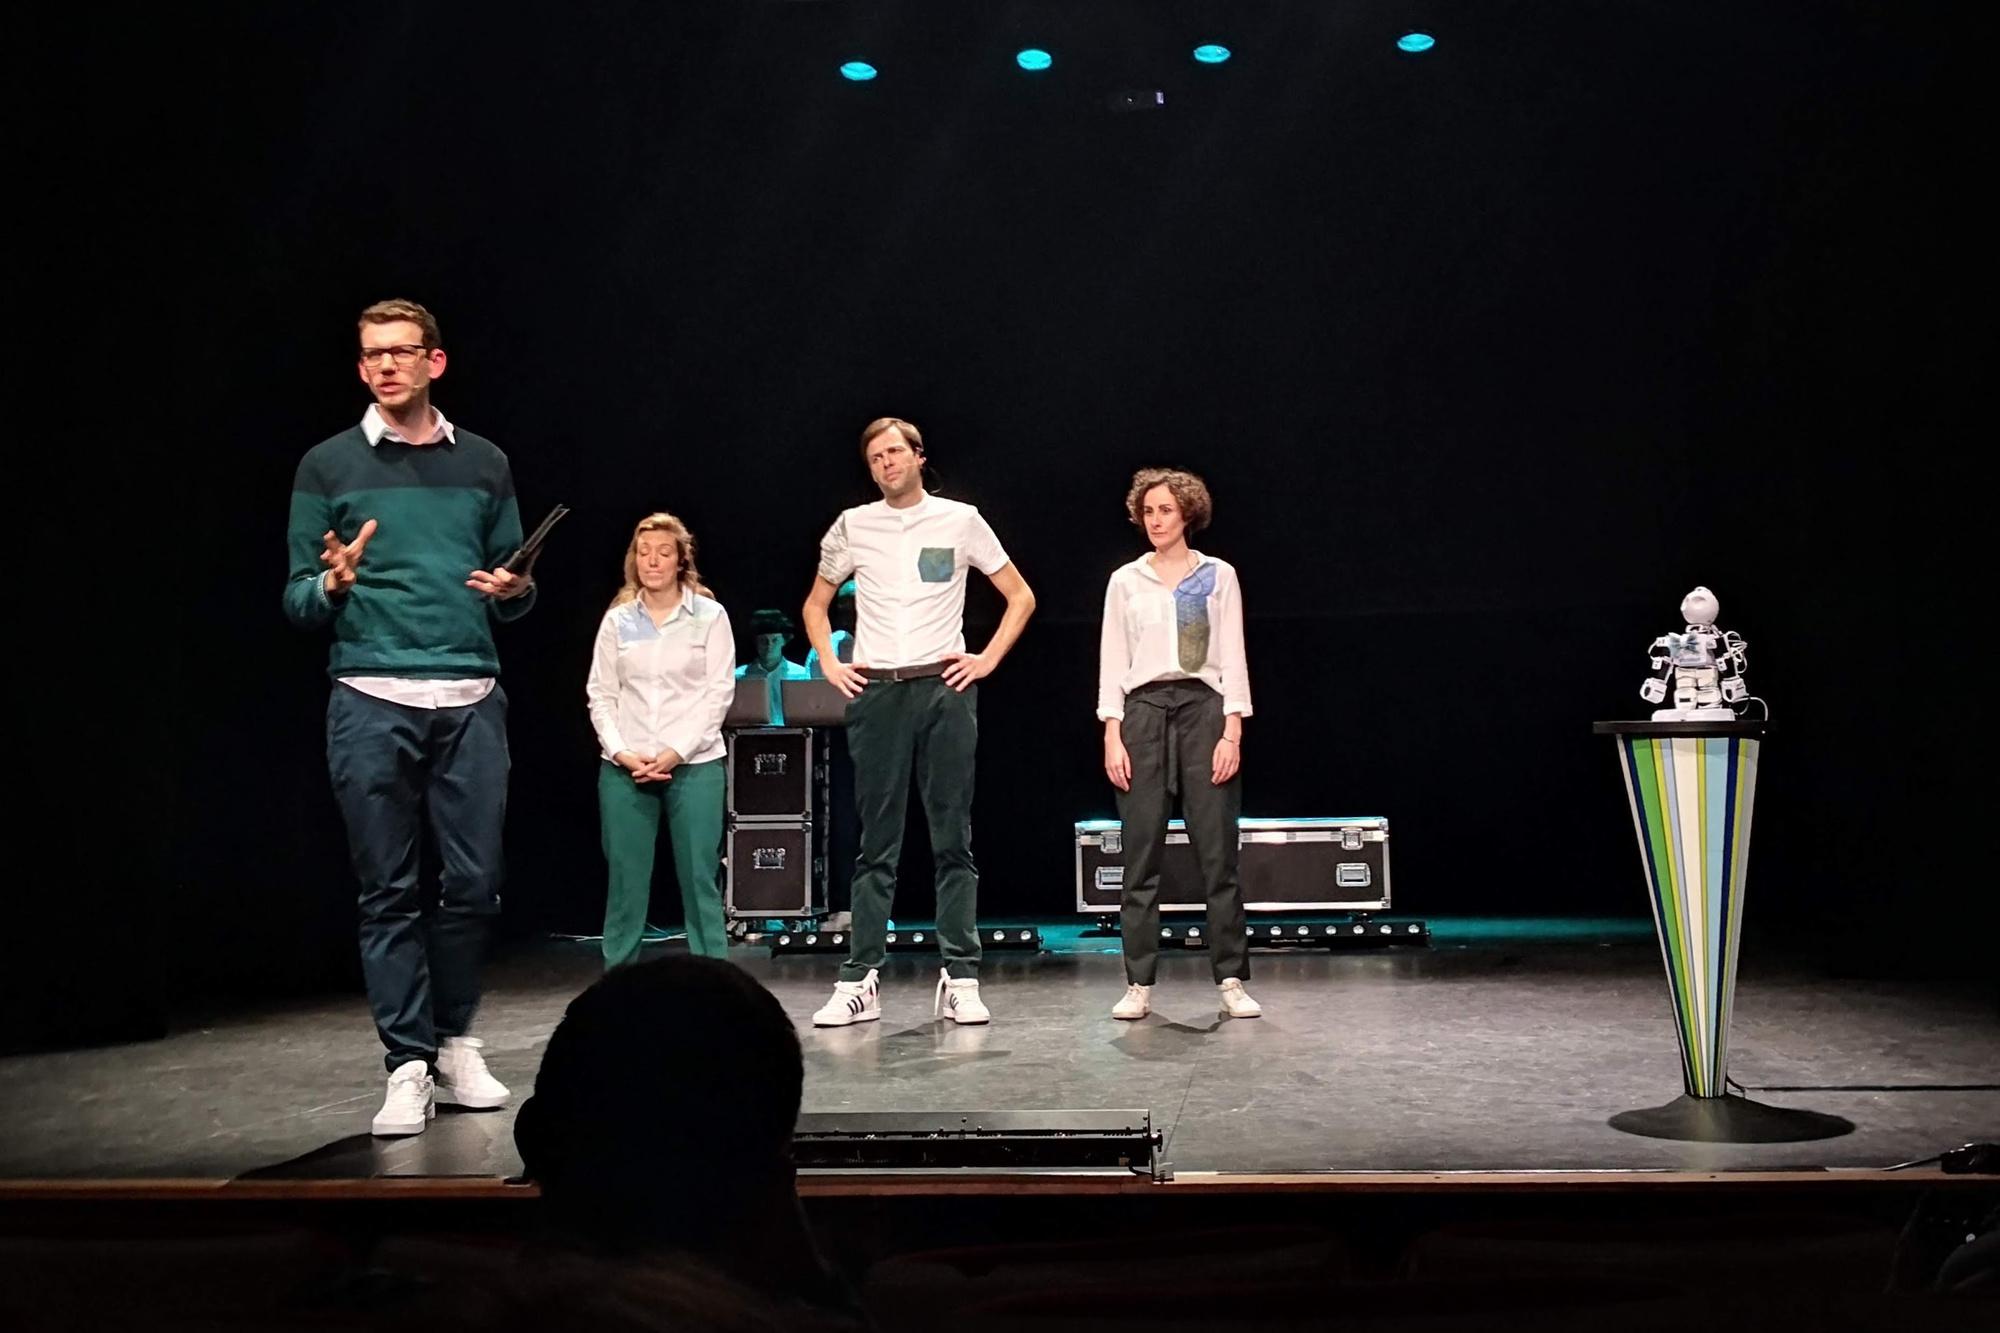 'Deze voorstelling draait rond technologie. Dus diep ademhalen... en verlaag uw verwachtingen.' Improbotics zet een robot op het podium., EB